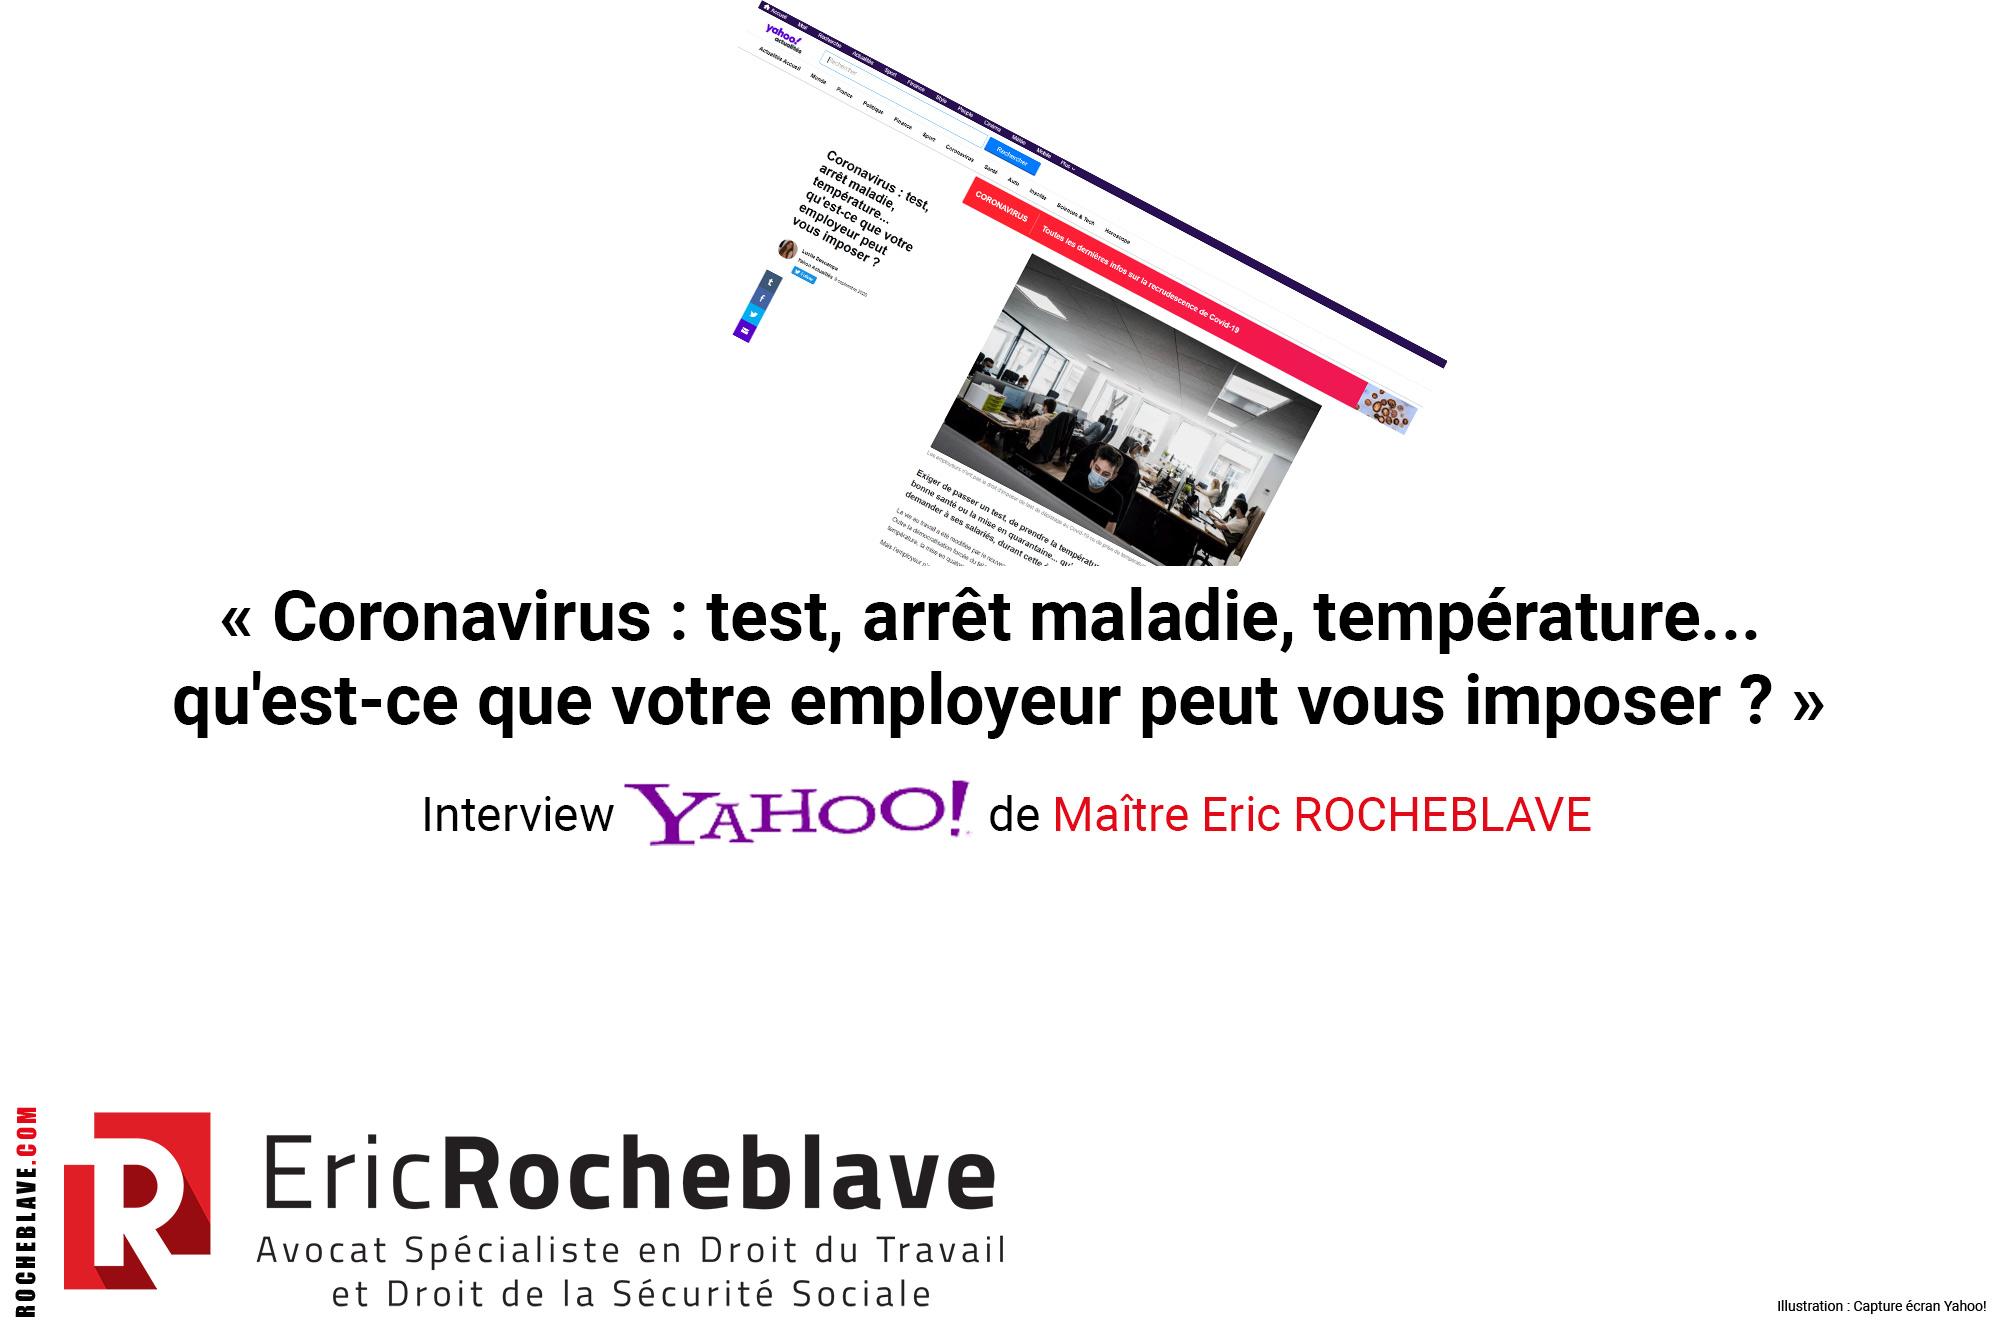 « Coronavirus : test, arrêt maladie, température… qu'est-ce que votre employeur peut vous imposer ? » Interview Yahoo! de Maître Eric ROCHEBLAVE